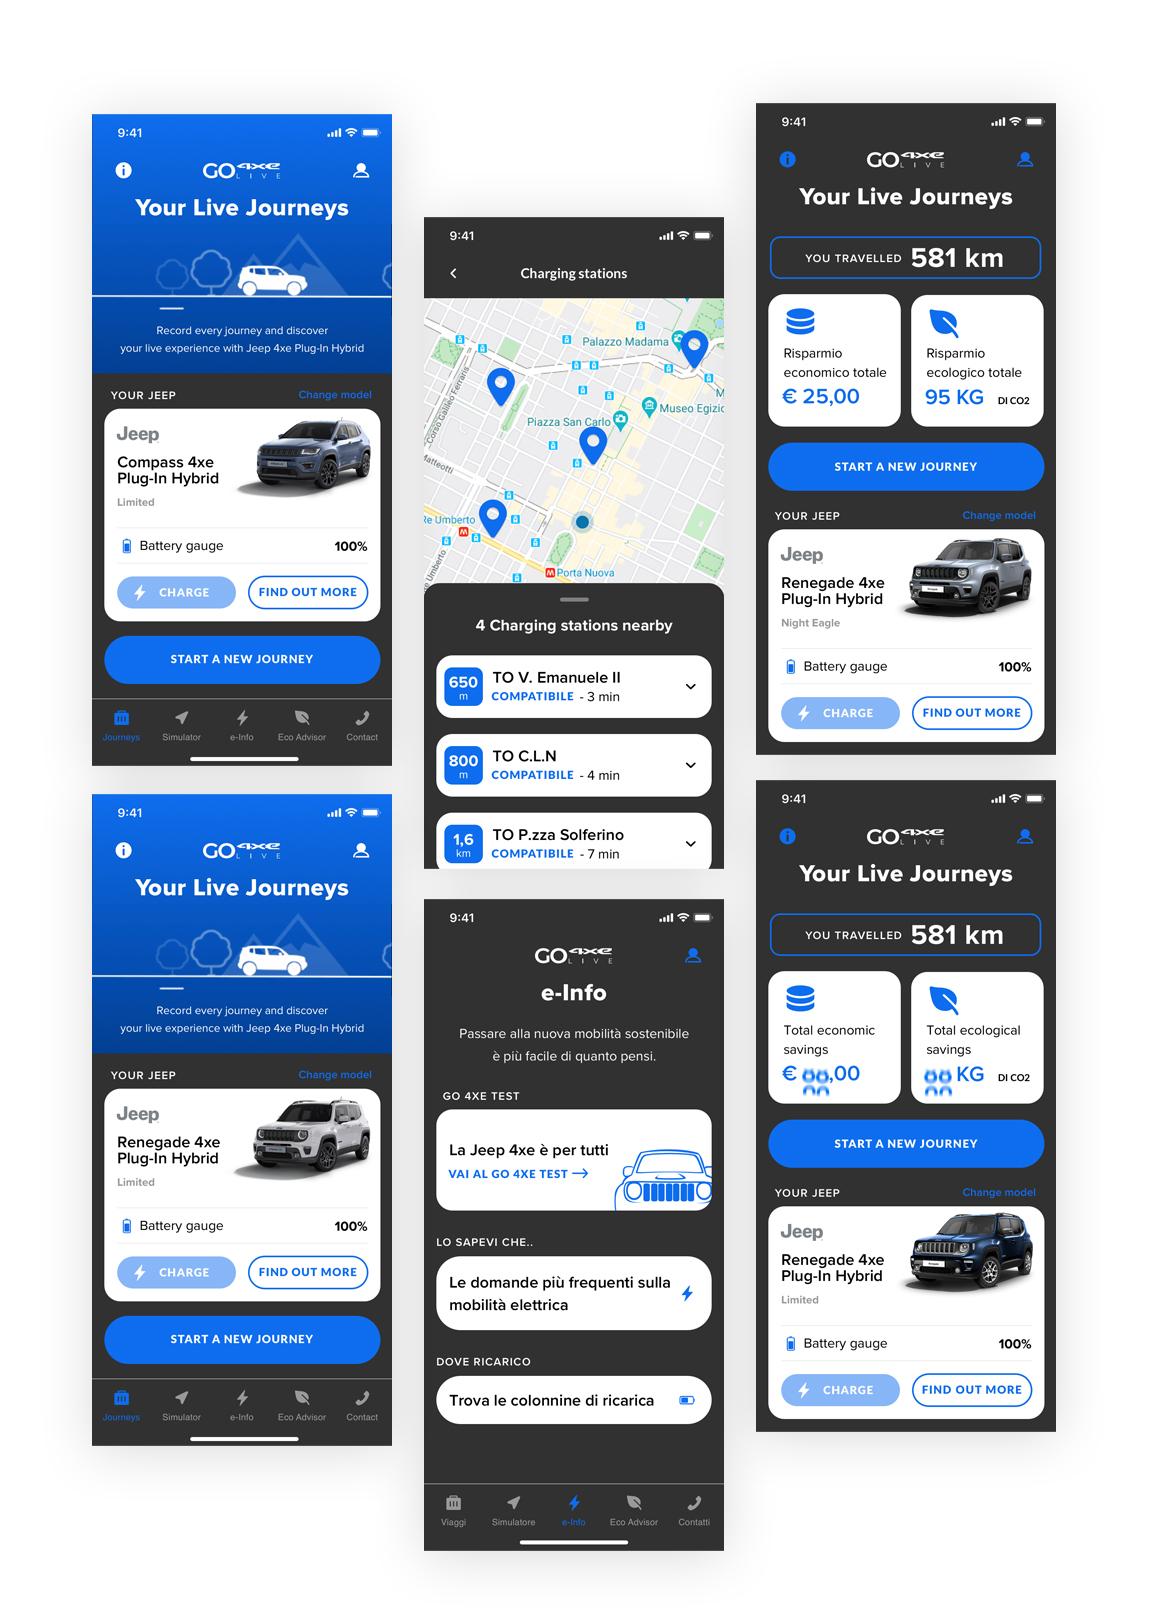 jeep-app-screens-2